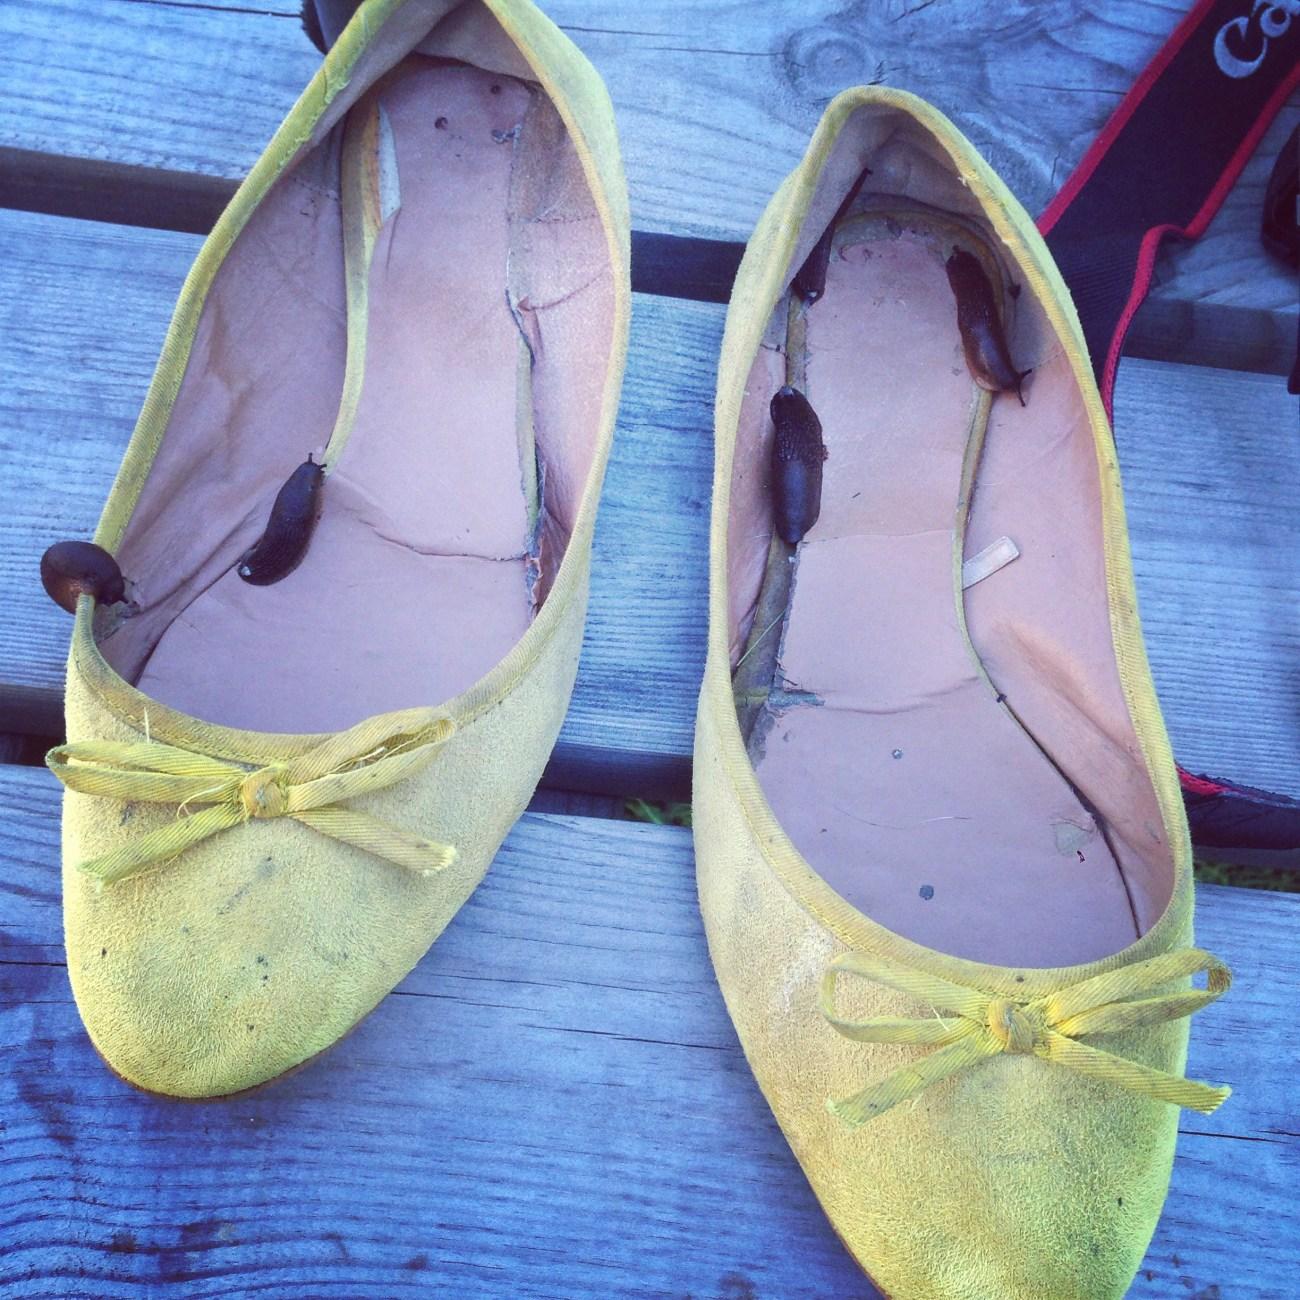 Bij het opruimen vind ik zoveel naaktslakken in mijn schoenen. Jakkes!